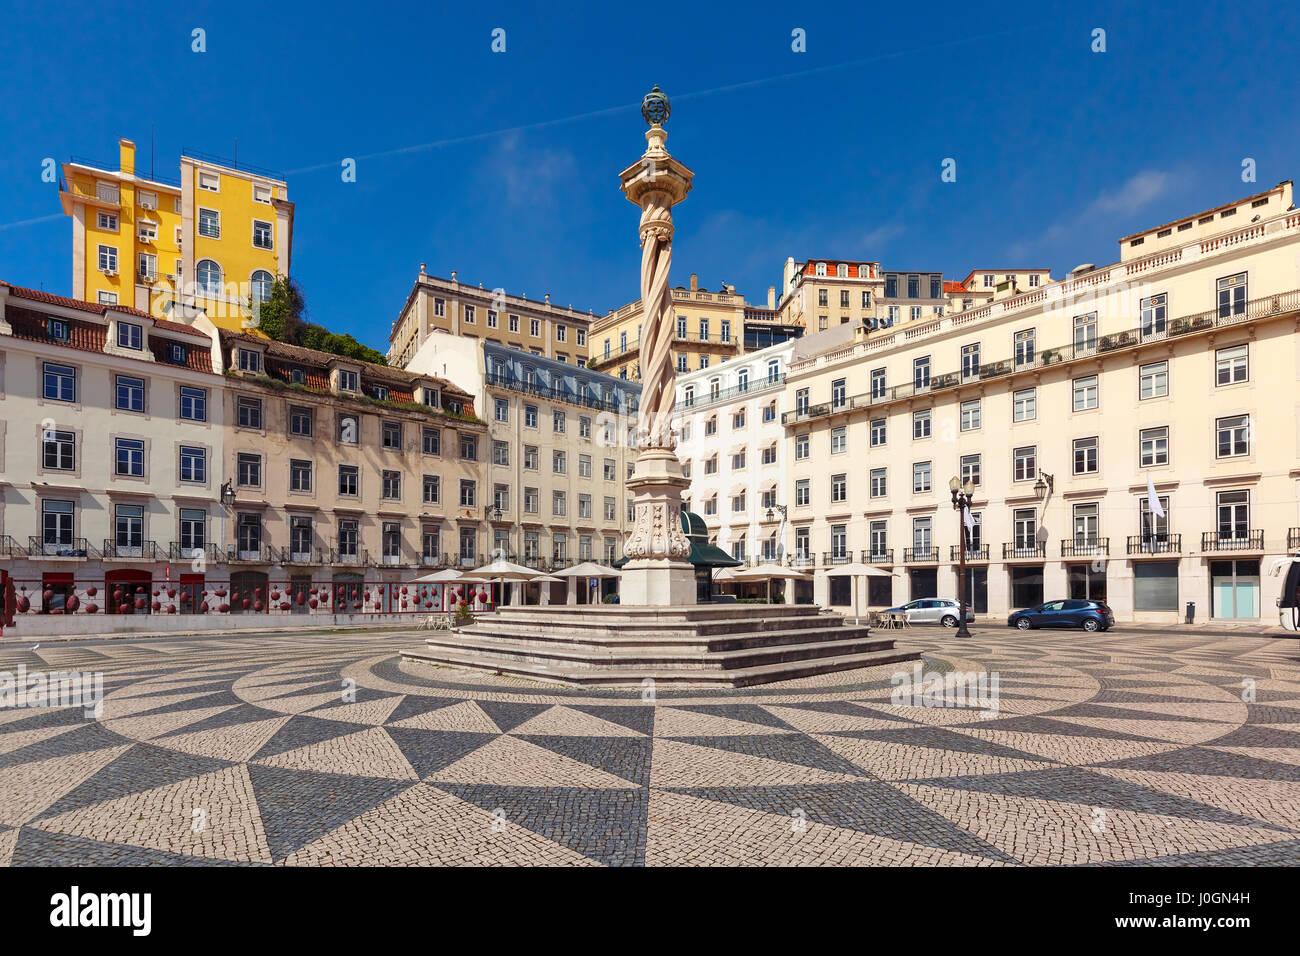 Place de l'hôtel de ville avec une belle mosaïque géométrique à Lisbonne, Portugal. Au centre de la place du Pilori Banque D'Images